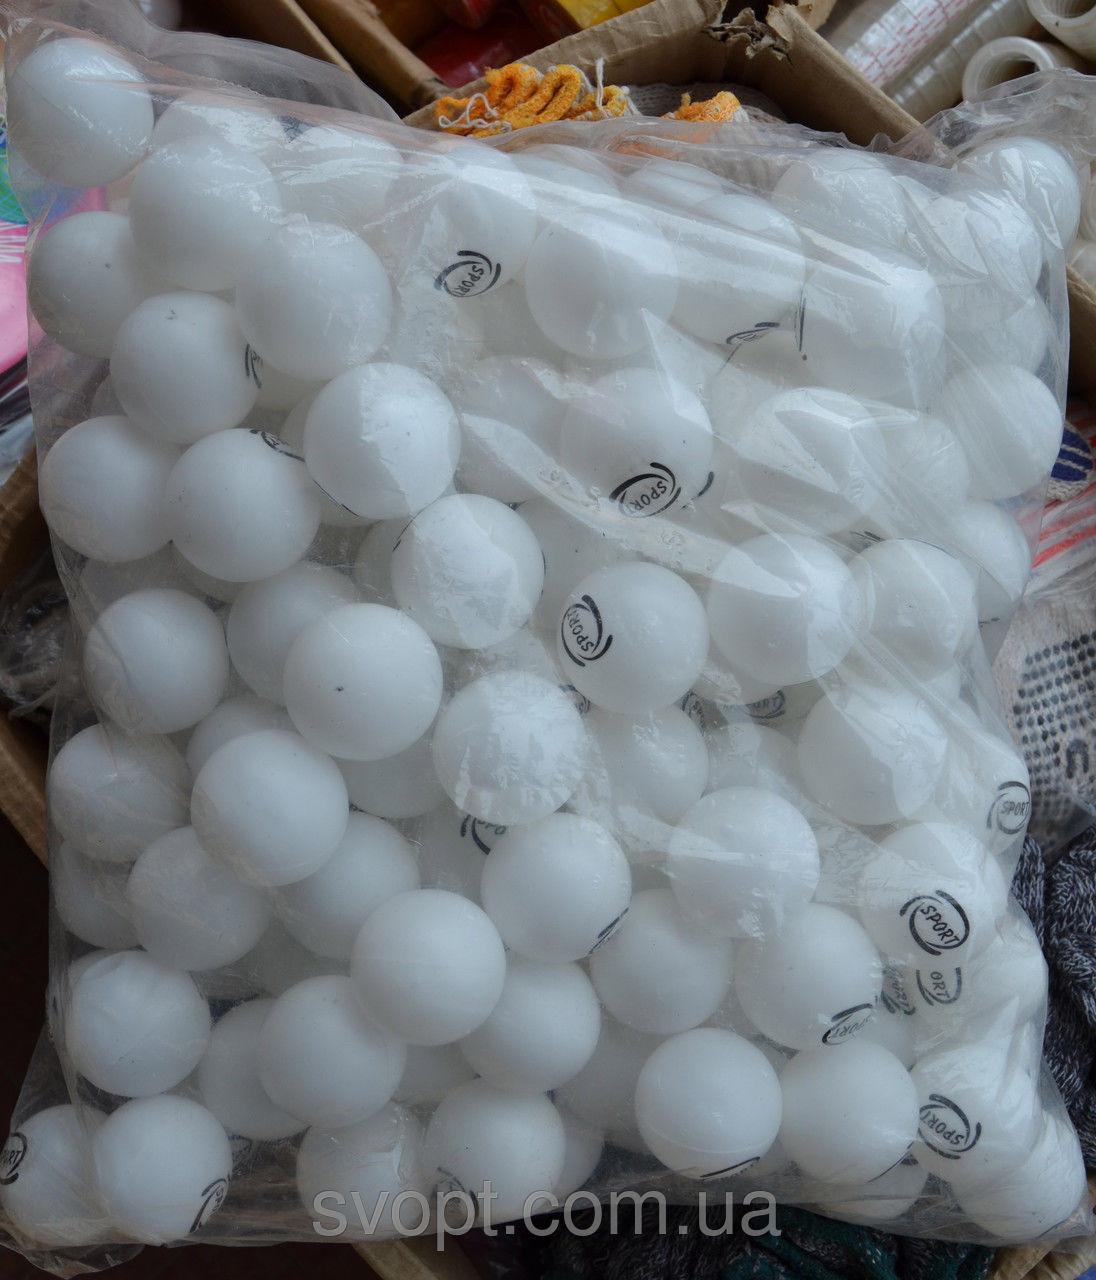 Шарики для настольного тенниса 150 штук белые -  интернет-магазин «VAVILON».  в Одессе